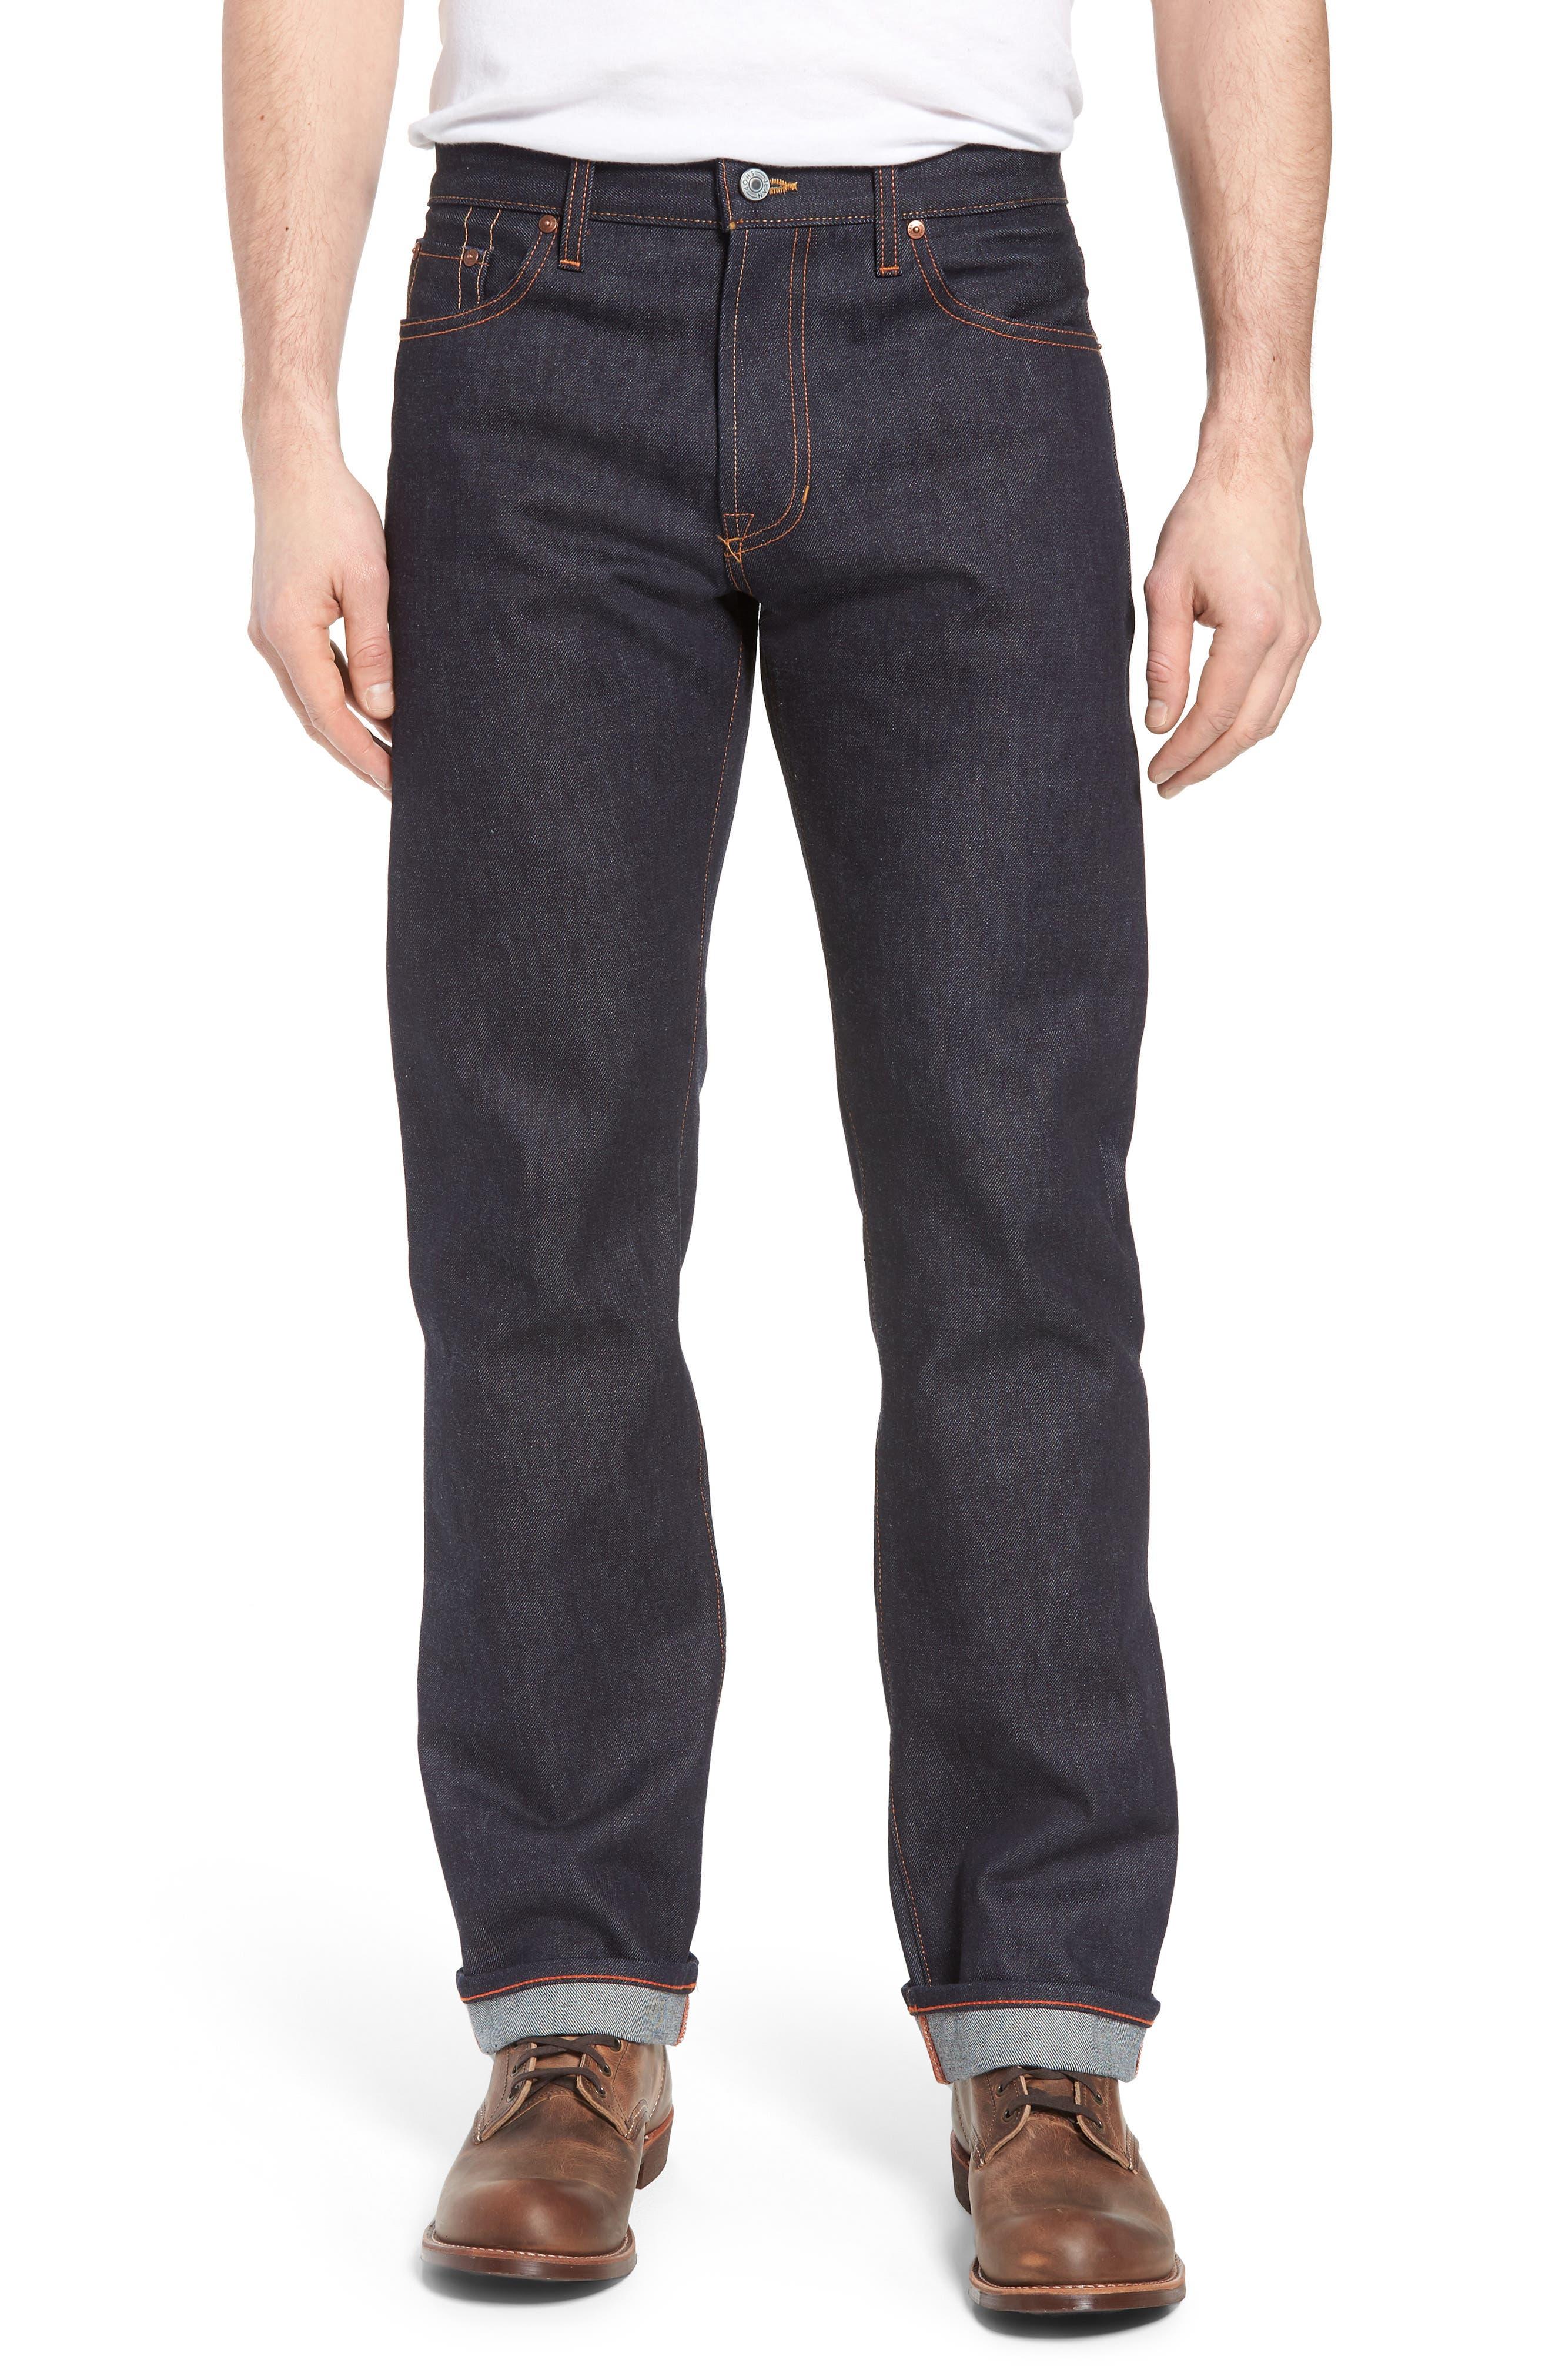 Jean Shop Rocker Straight Leg Jeans (Raw)